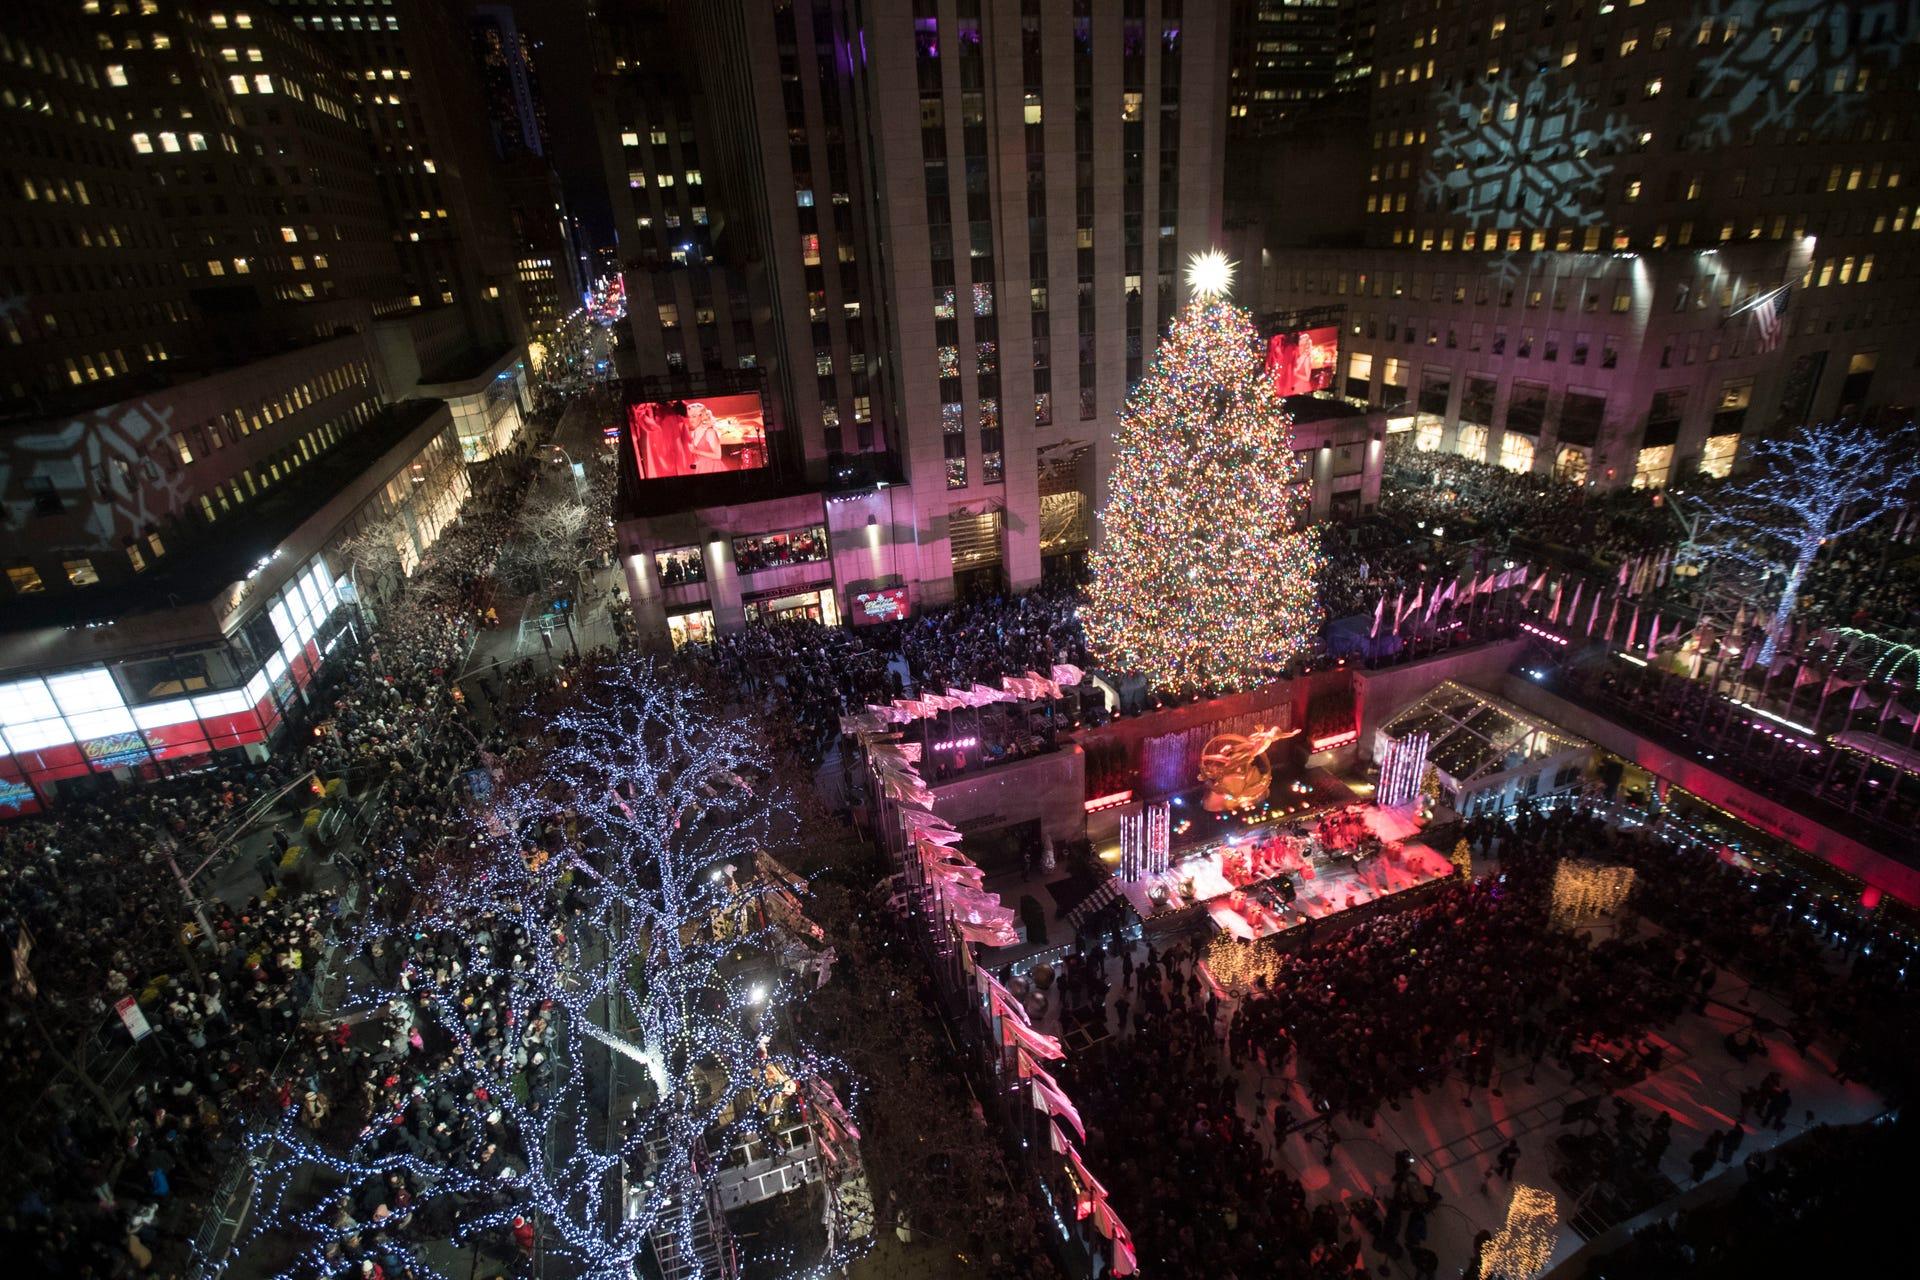 Lighting of the Rockefeller Center Christmas Tree kicks off the ...